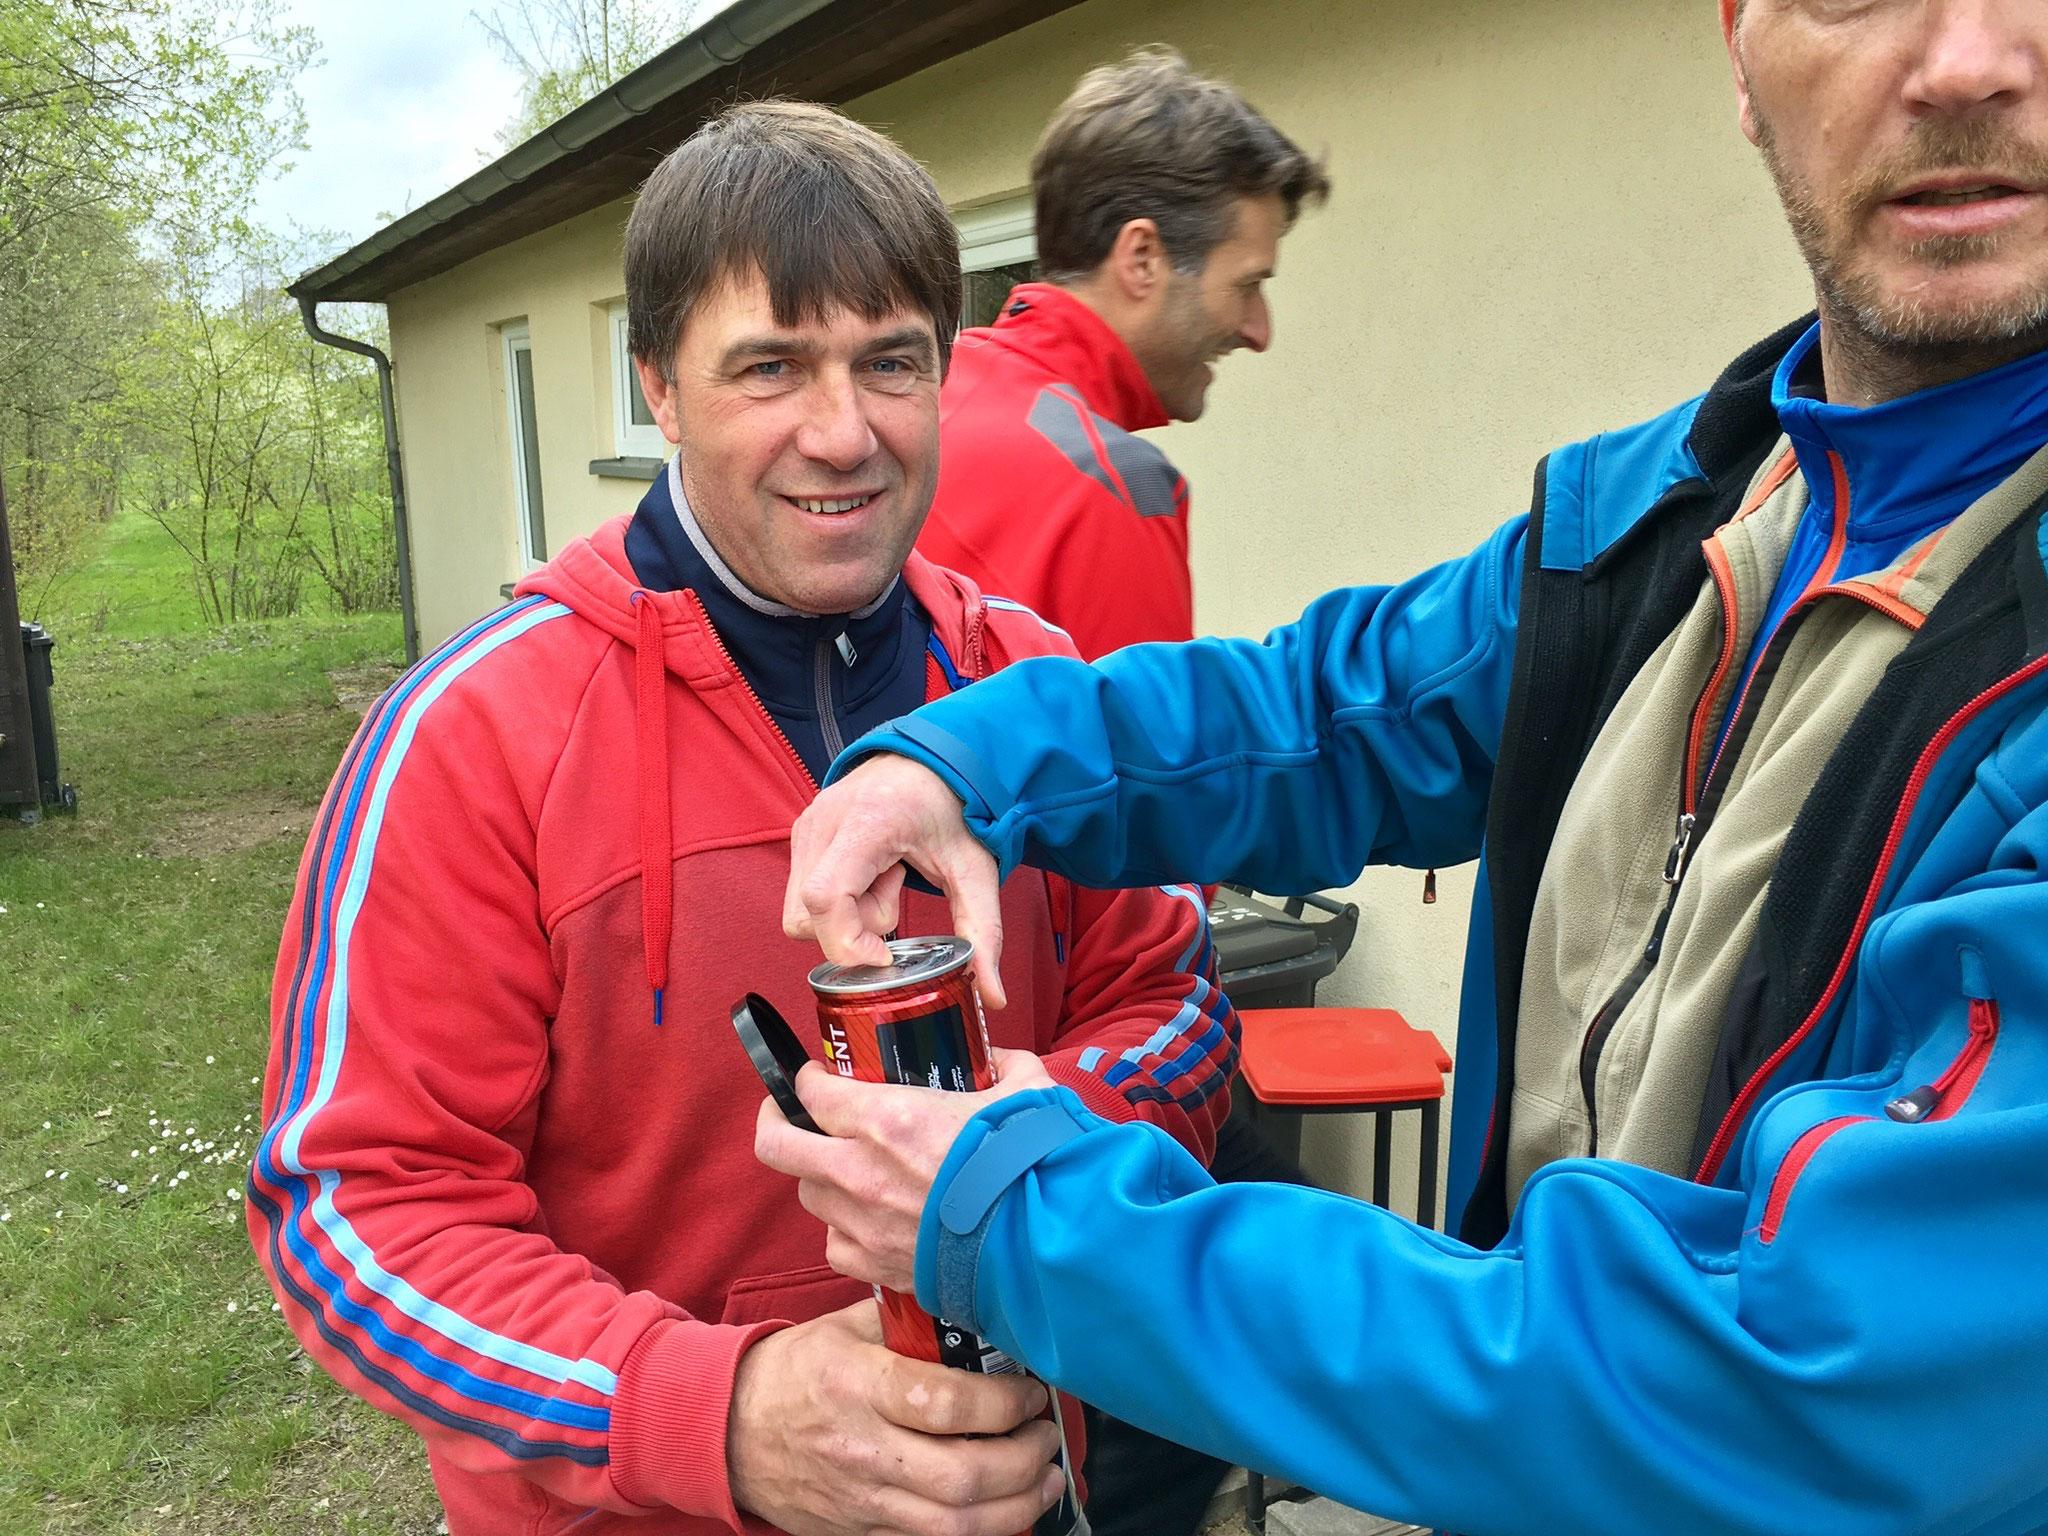 Matthias assistiert beim Öffnen der Turnierbälle